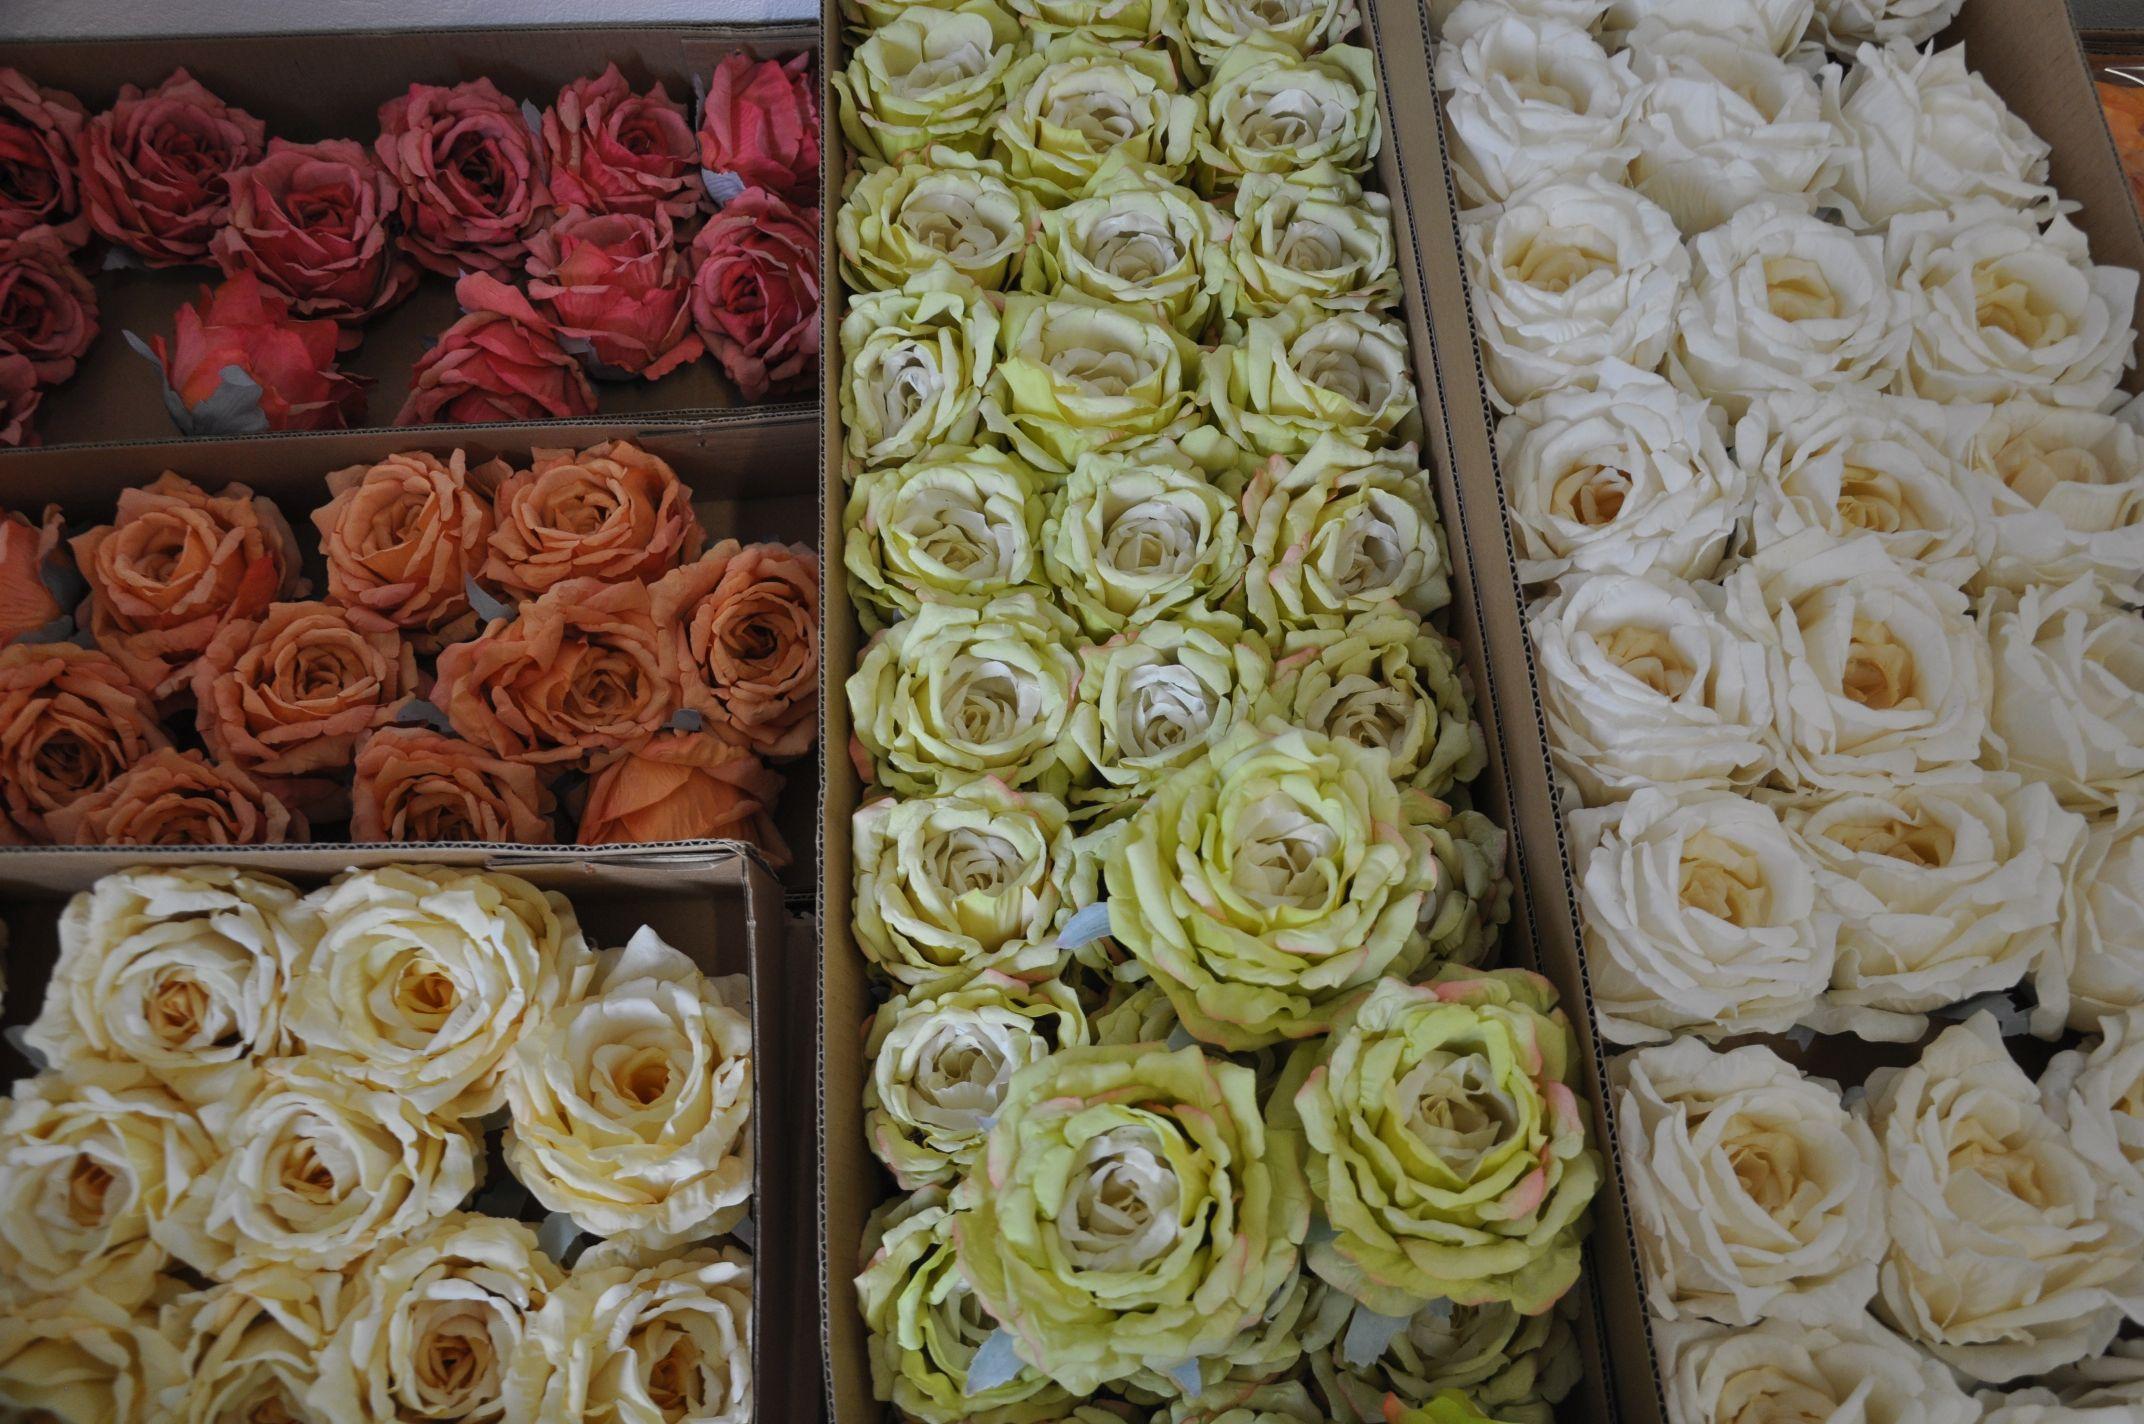 Kwiaty Sztuczne Hurtownia Kwiatow Zamosc Center Plant